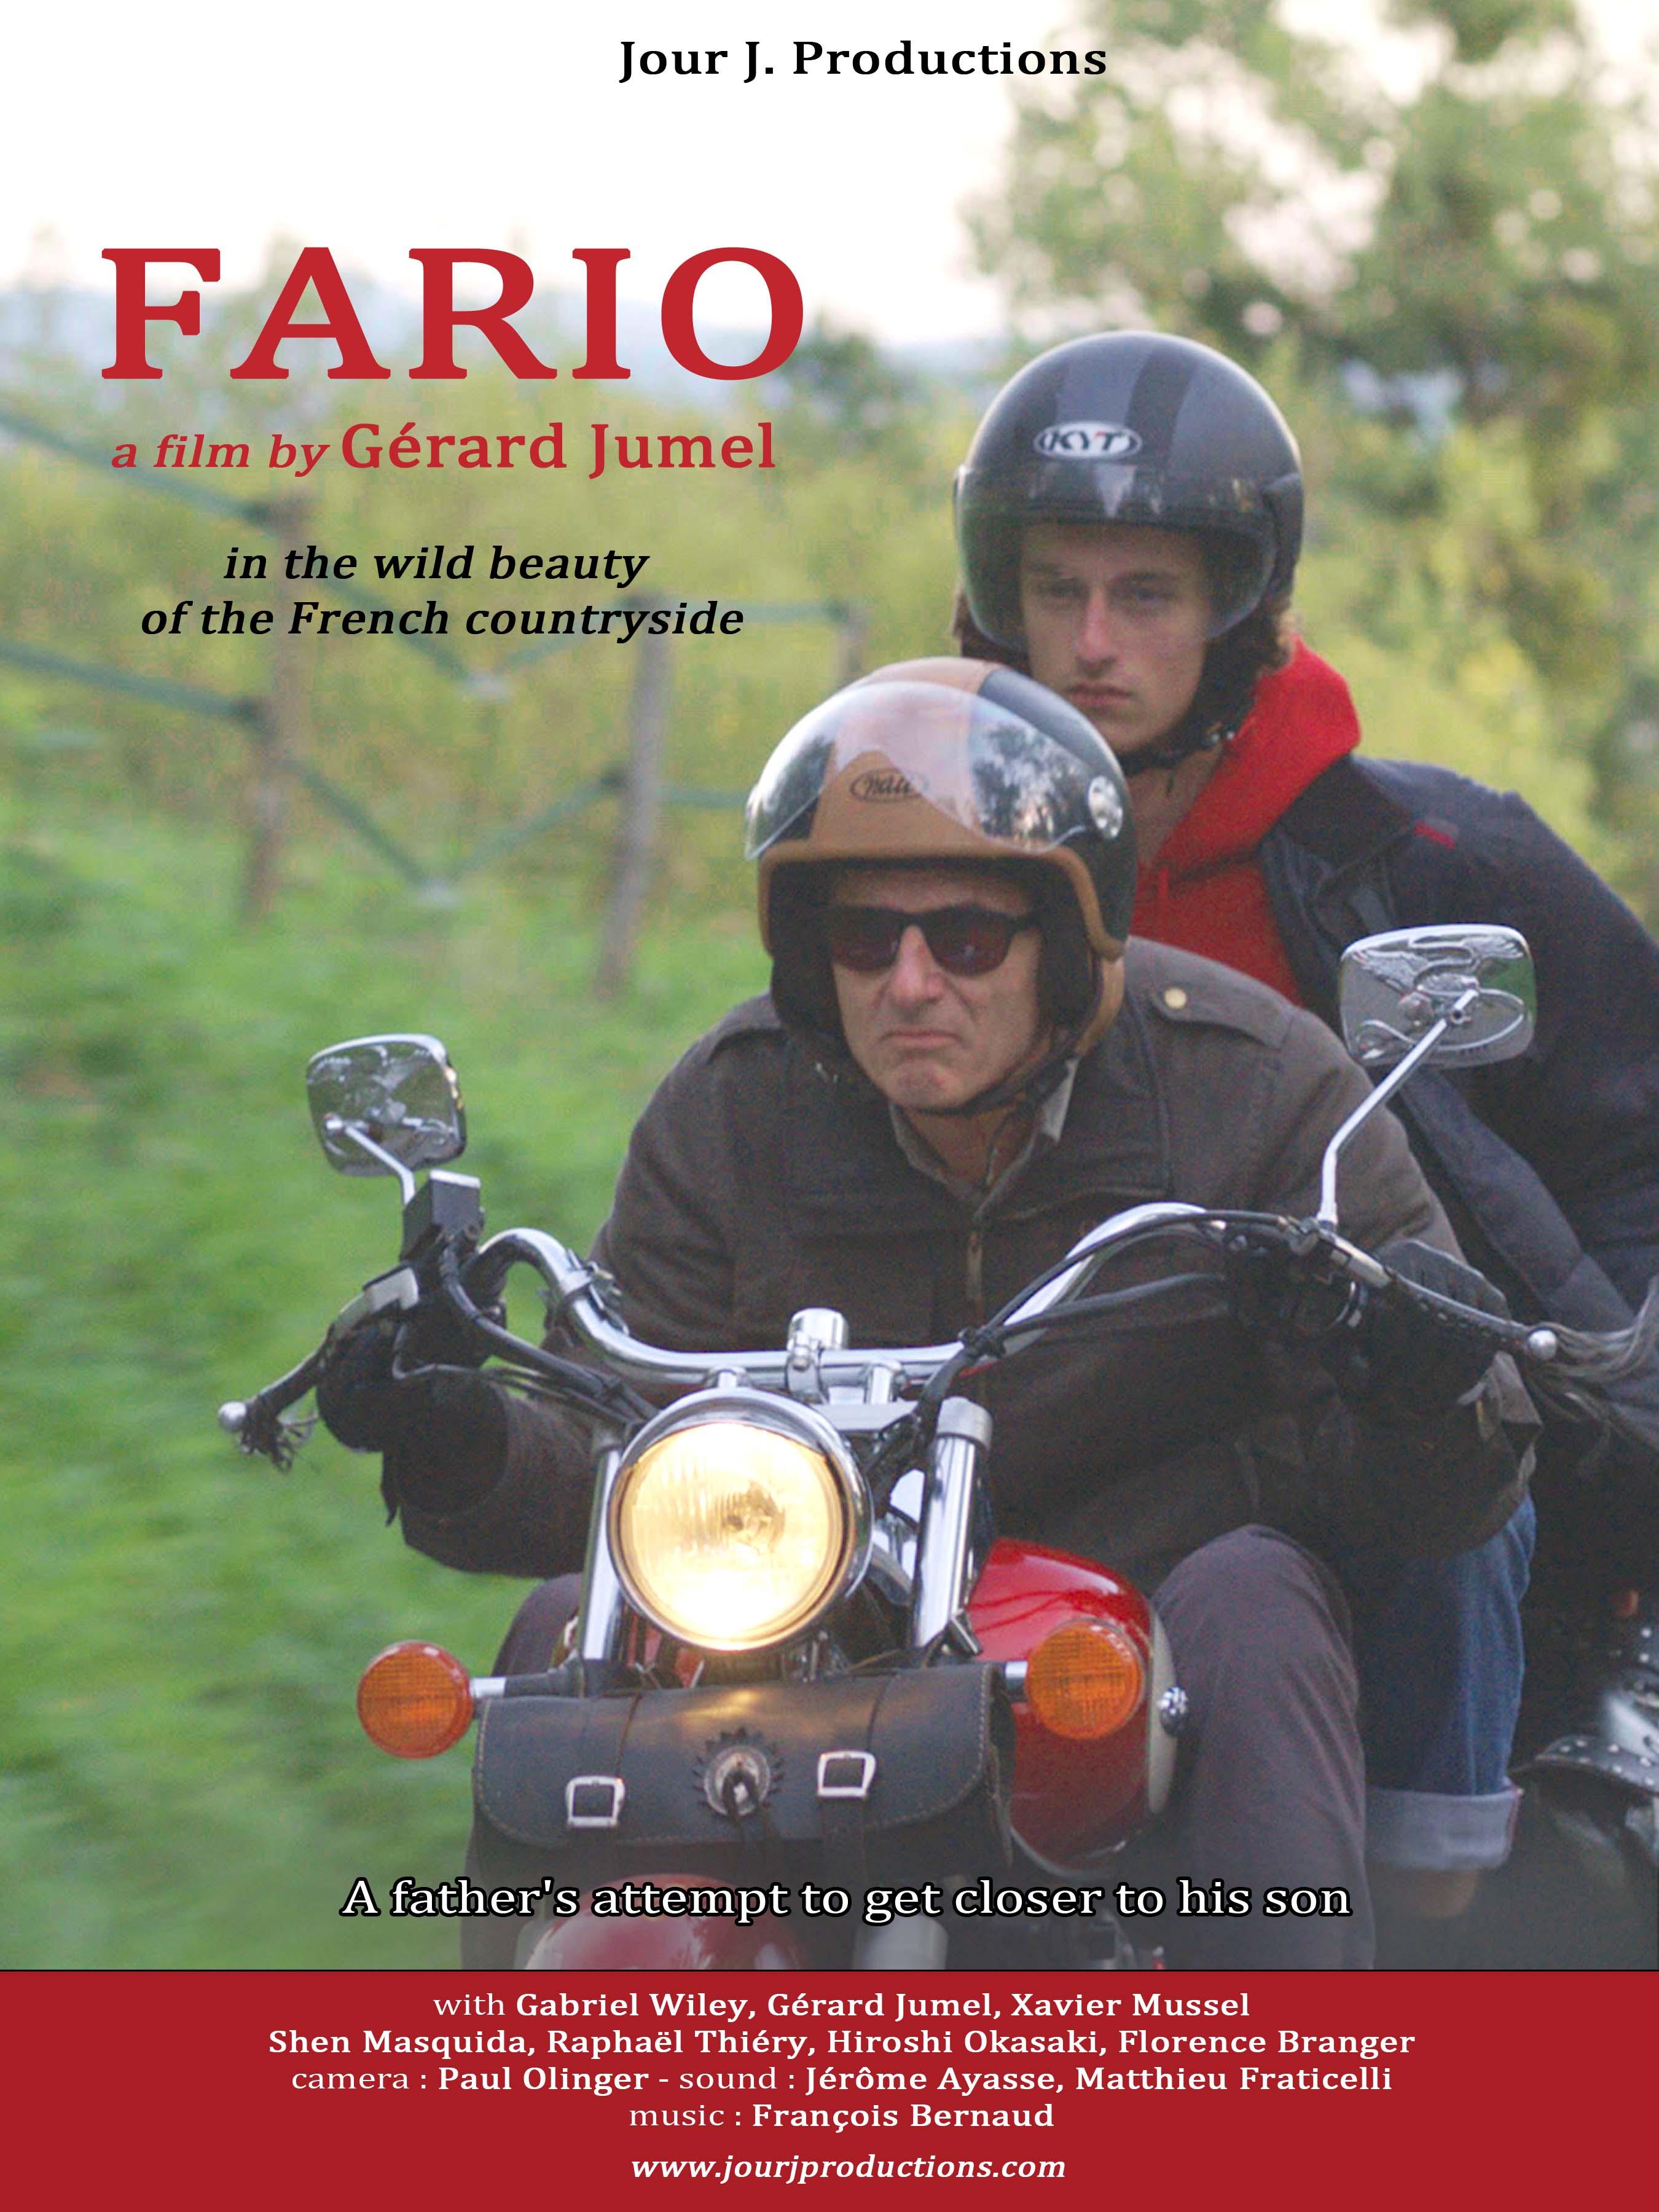 Fario affiche VA mail